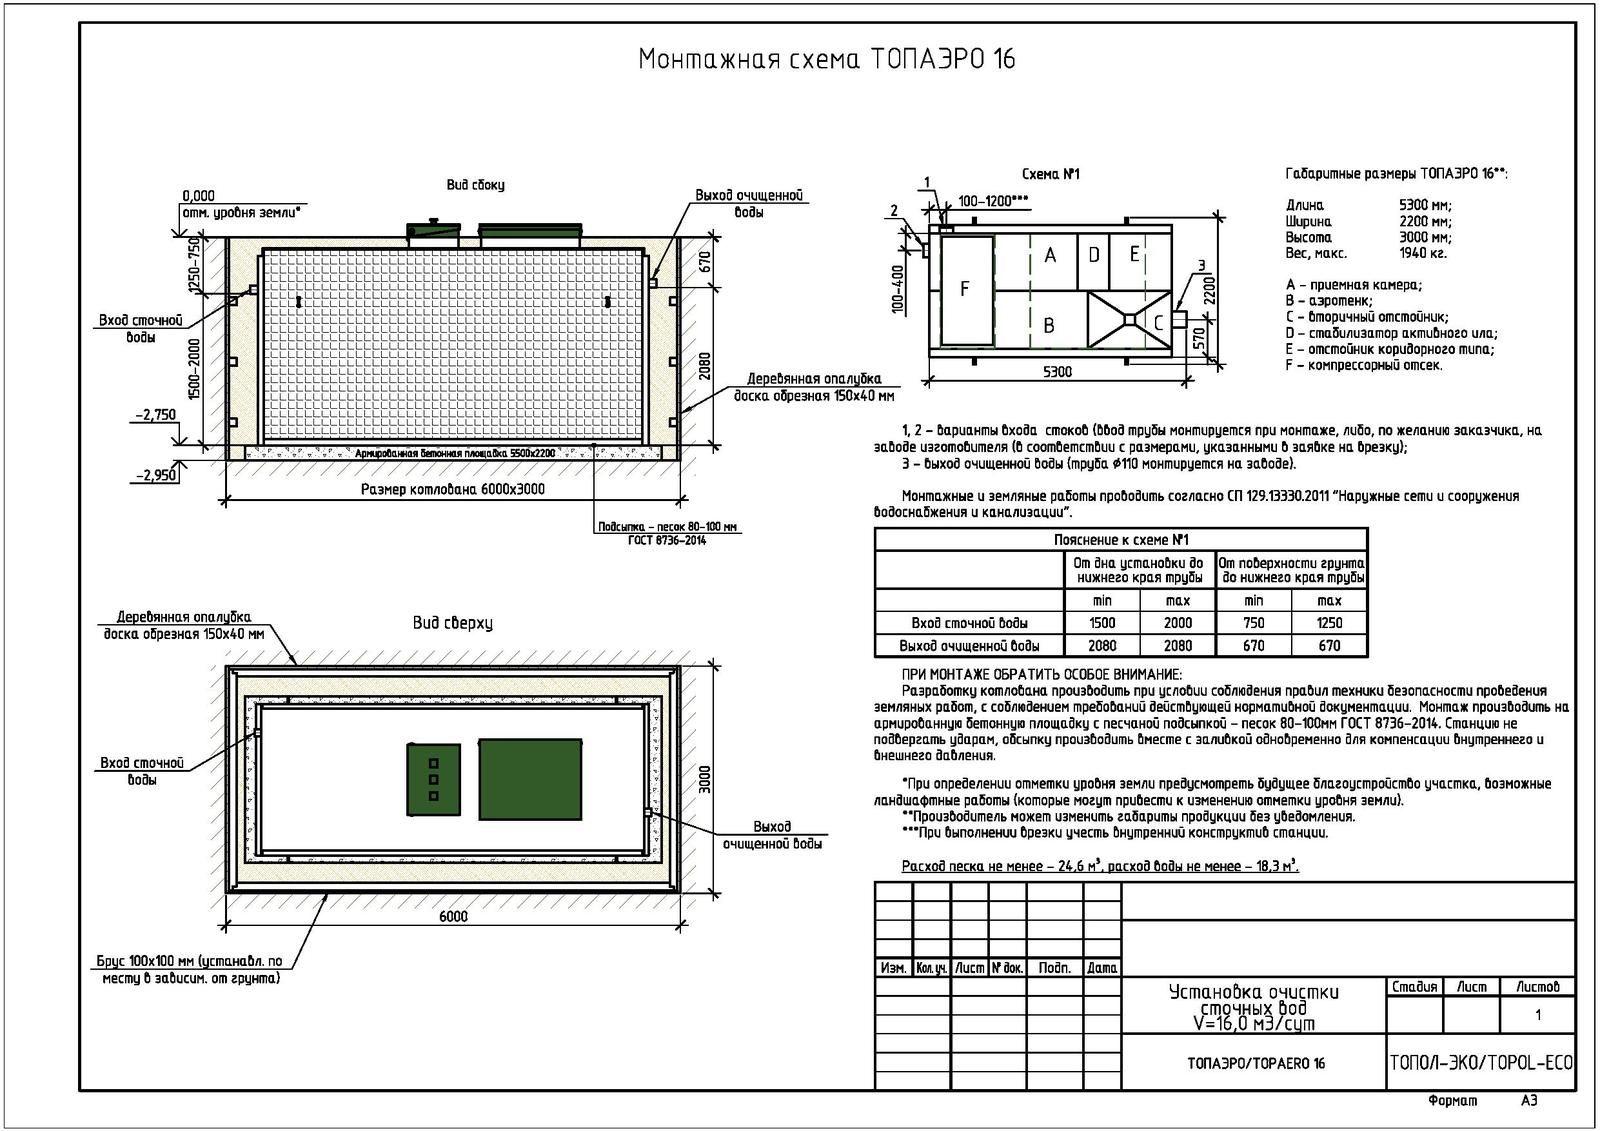 Монтажная схема септика Топаэро 16